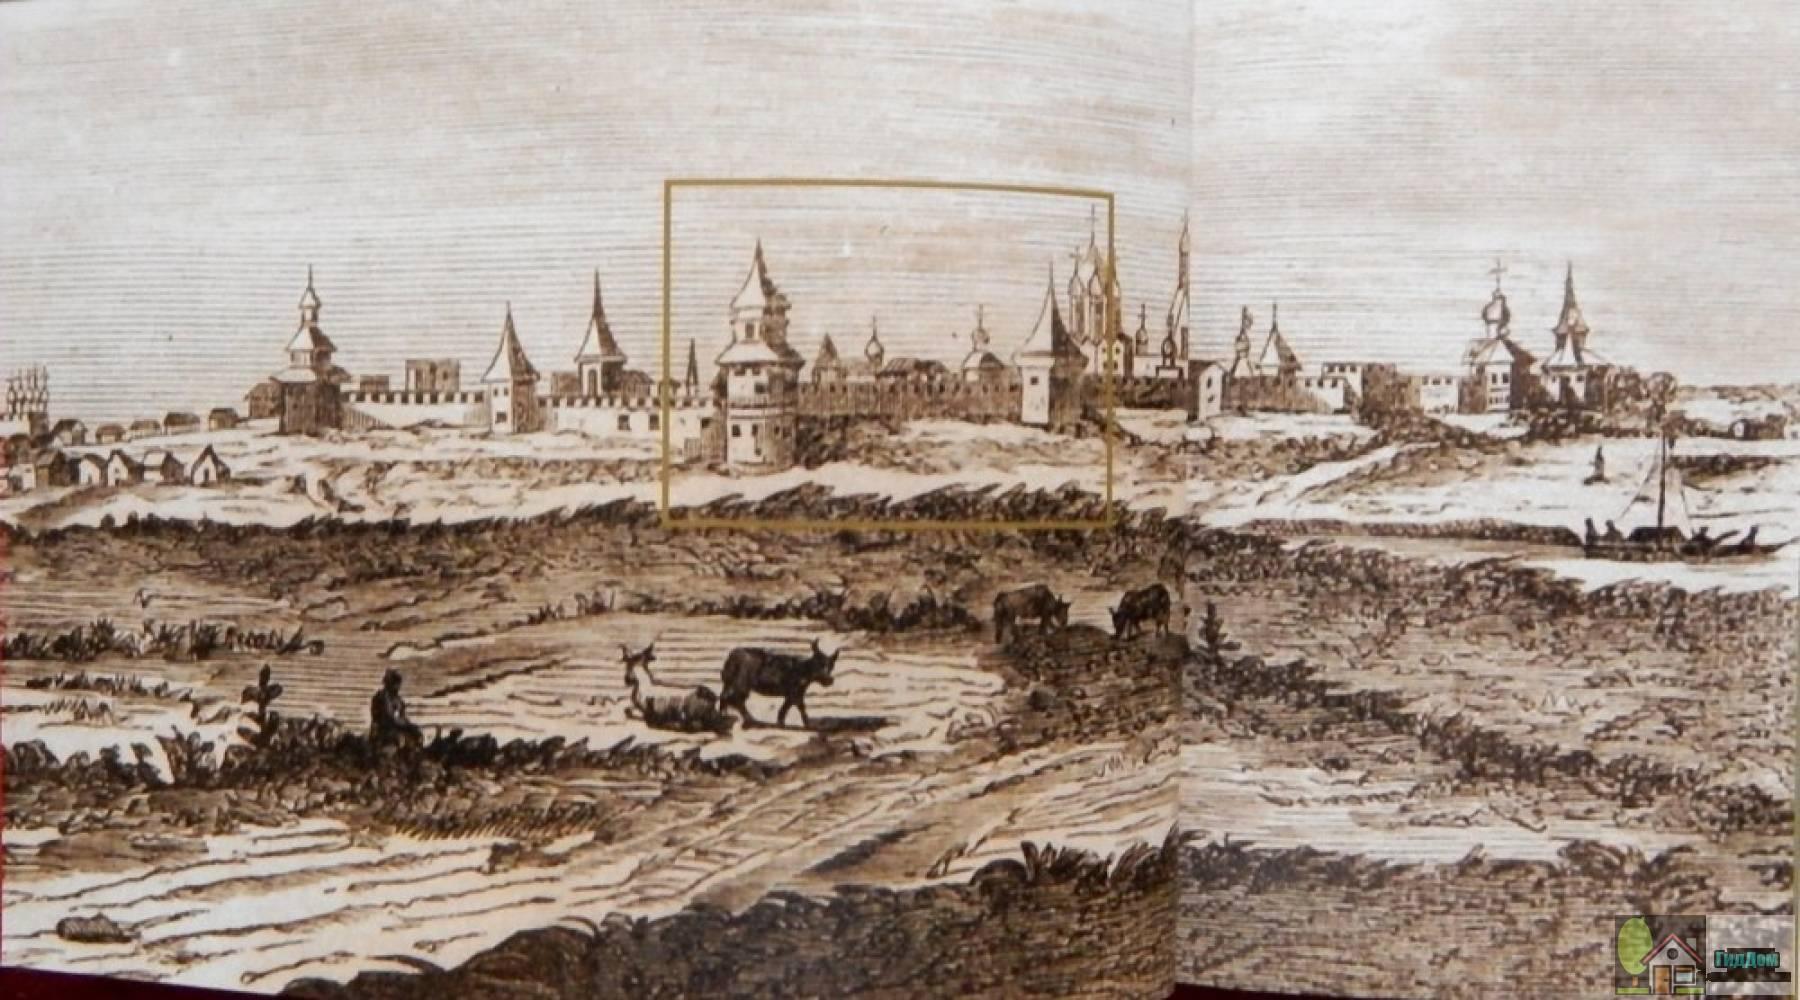 Коломенский кремль на рисунке Корнелиуса де Брюина